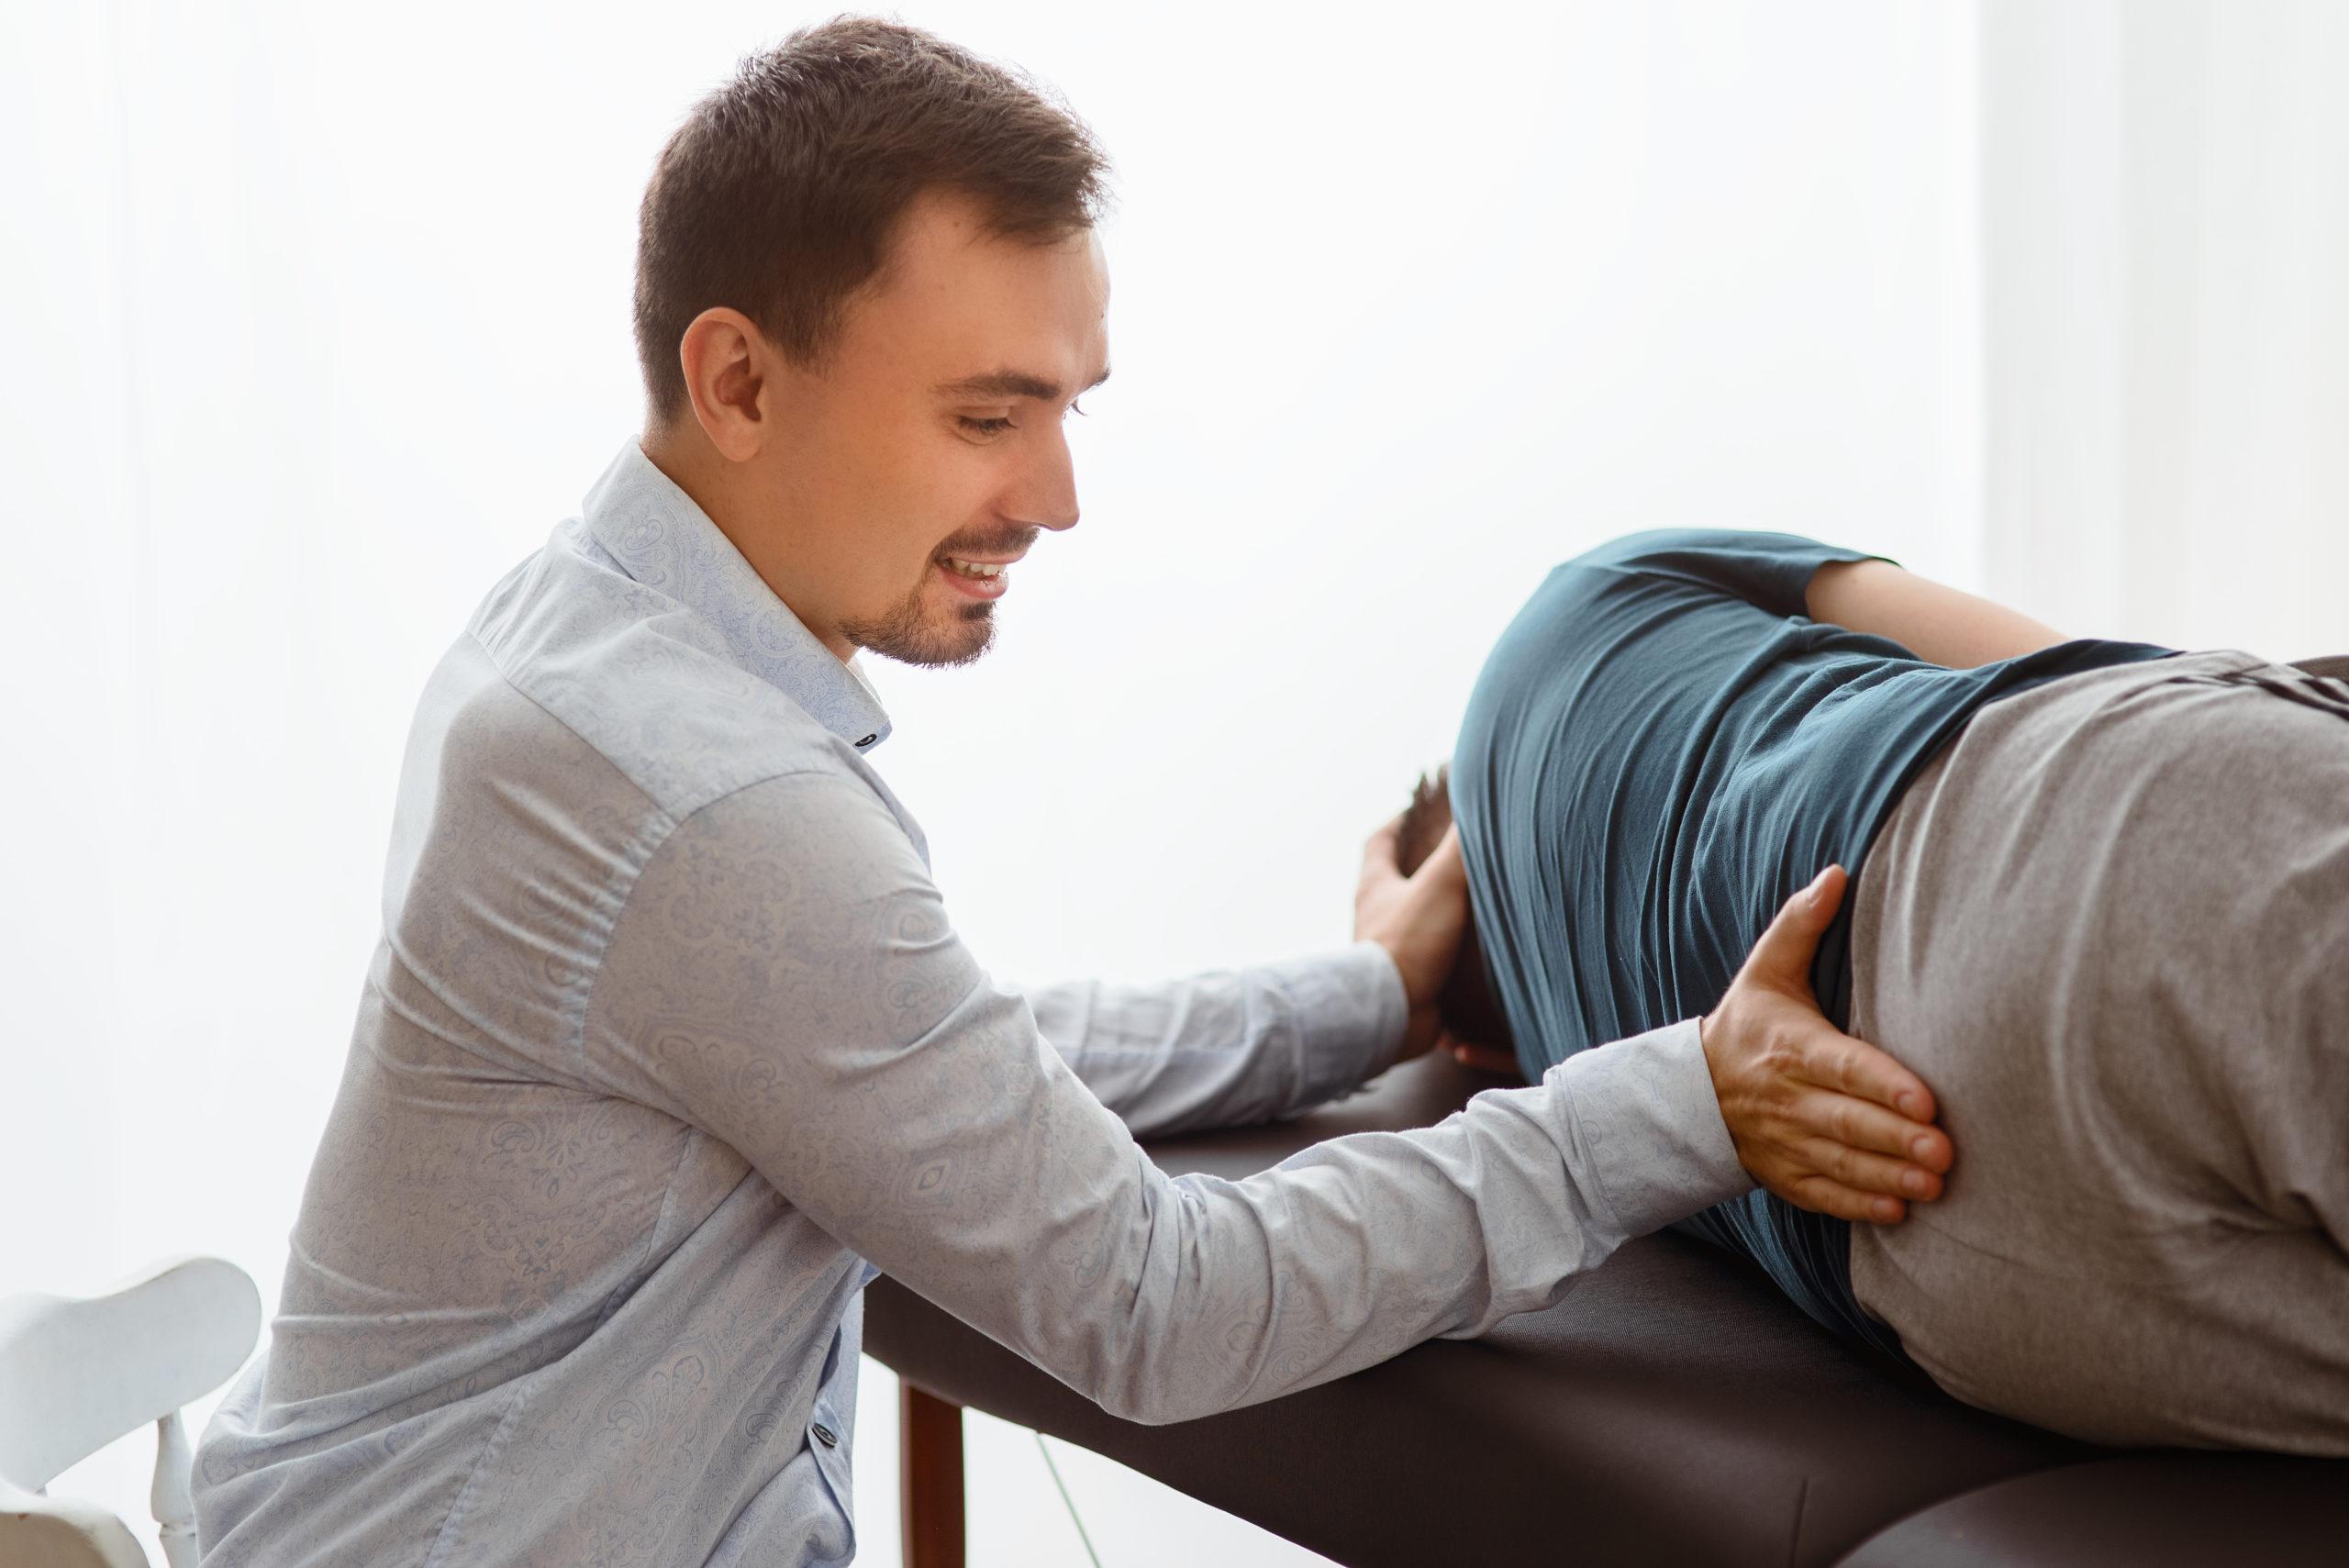 Fizjoterapia Osteopatia Kraków